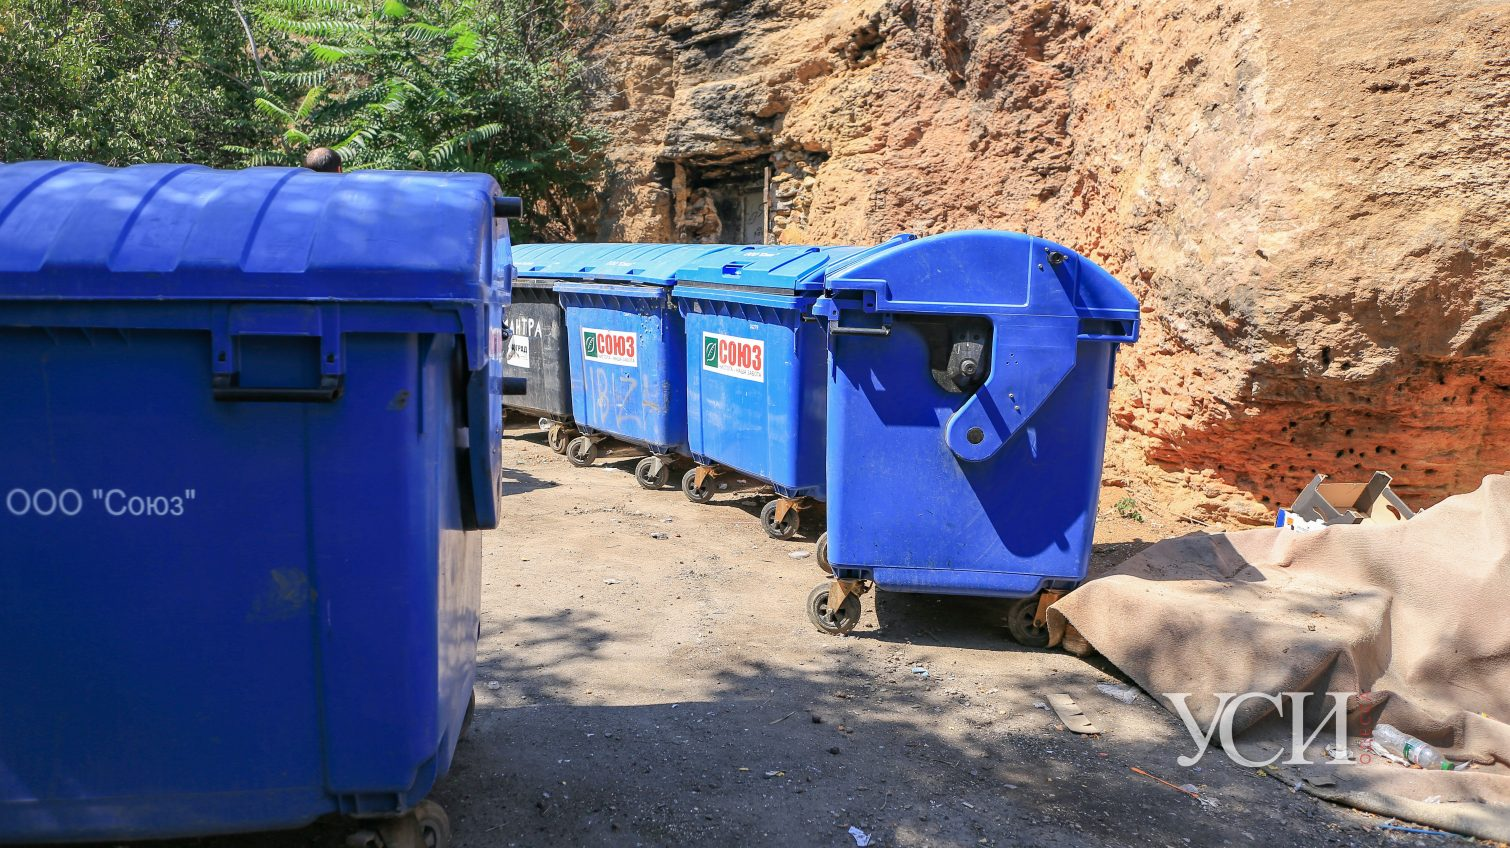 Вход в каменоломни на Трассе здоровья превратили в свалку: общественники жалуются на испорченный коммунальщиками проект (фото) «фото»